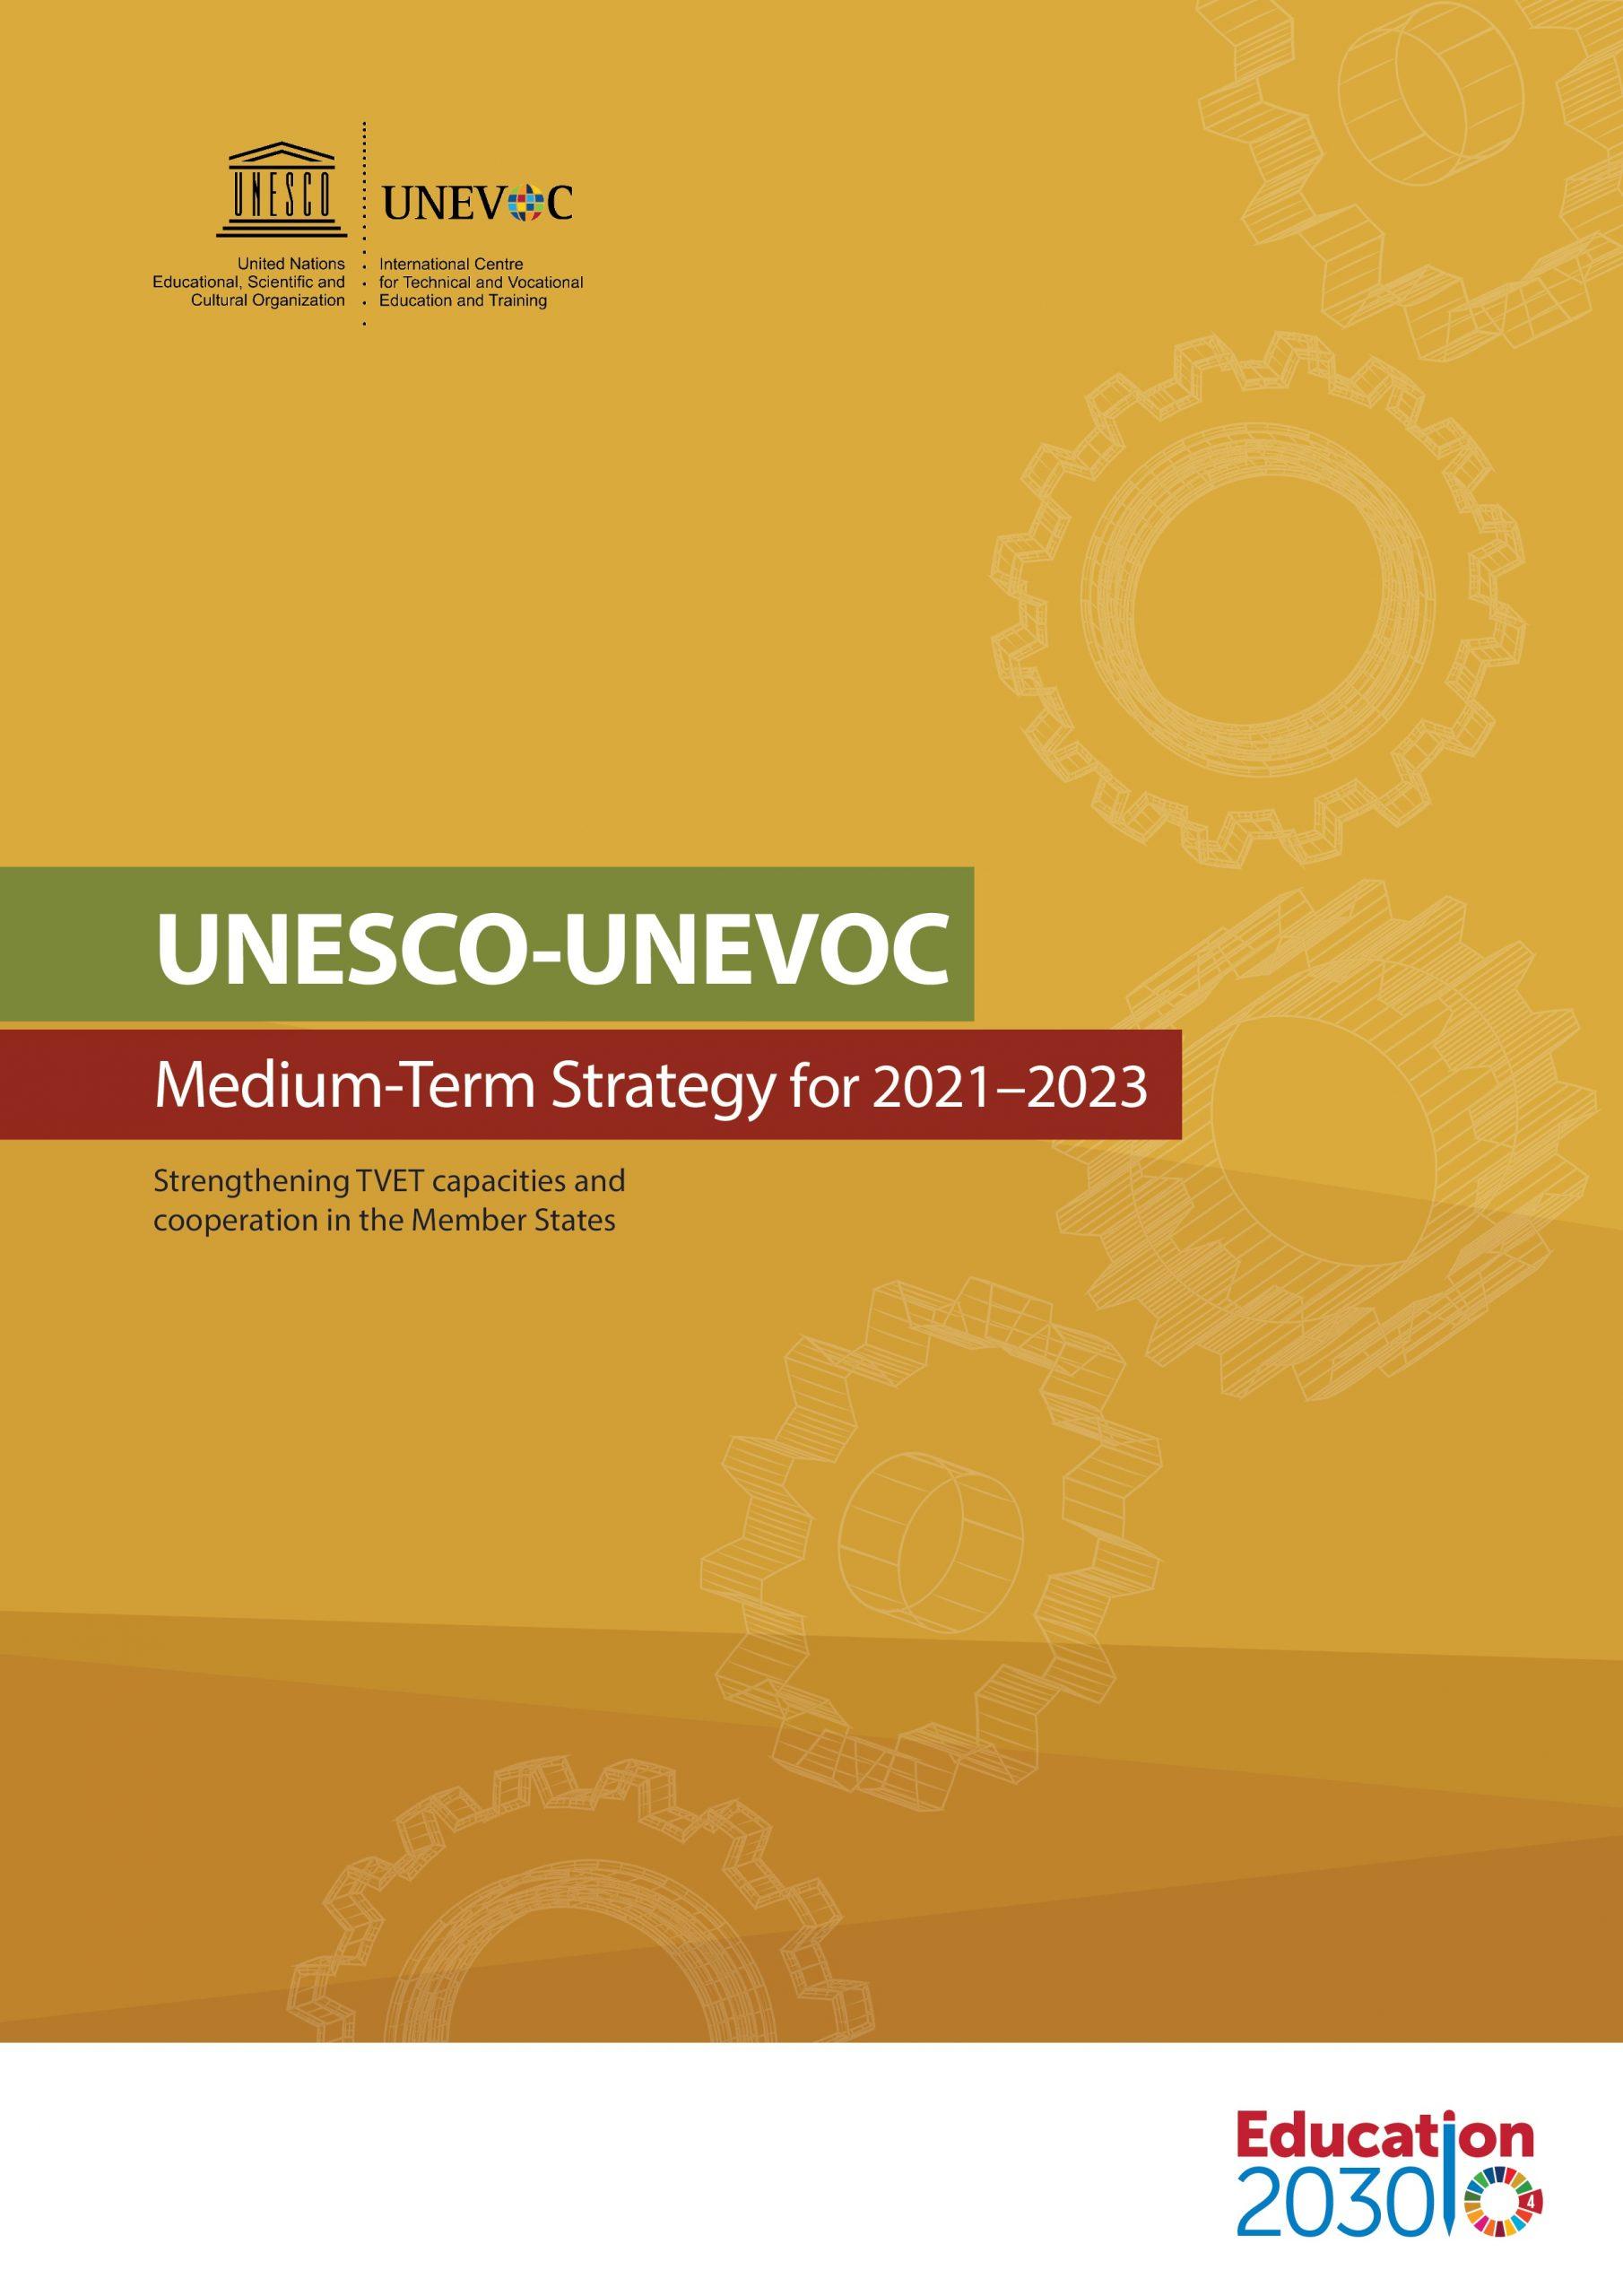 UNESCO – UNEVOC Strategy 2021 – 2023